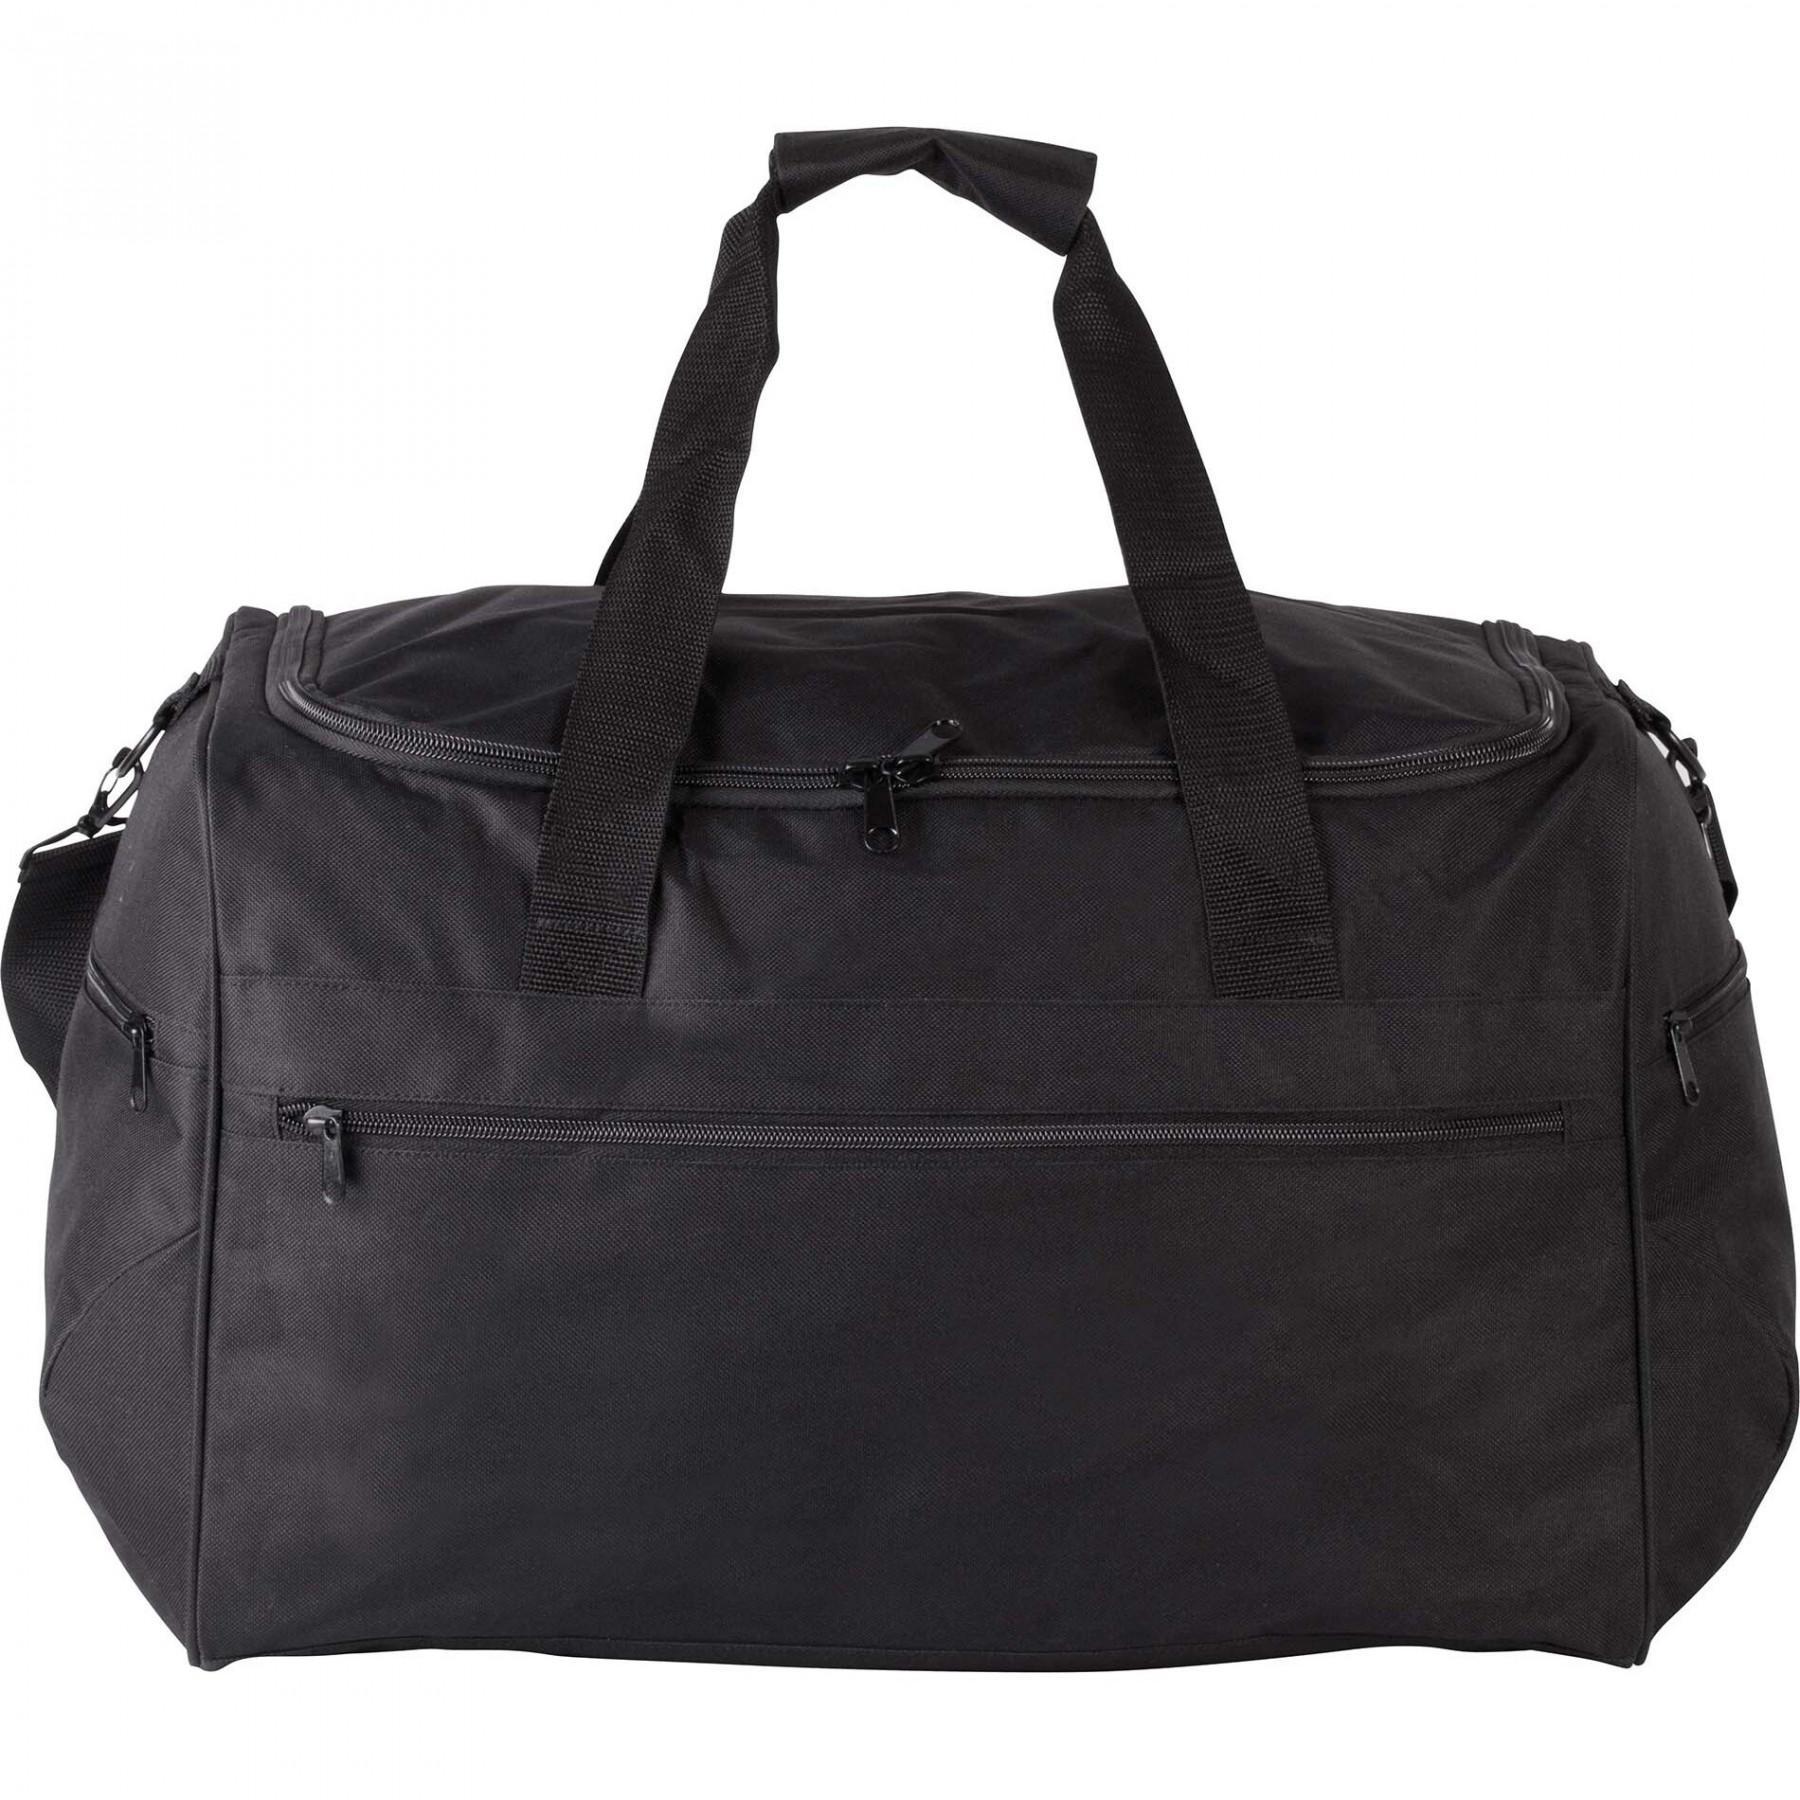 Travel bag Kimood avec Penderie